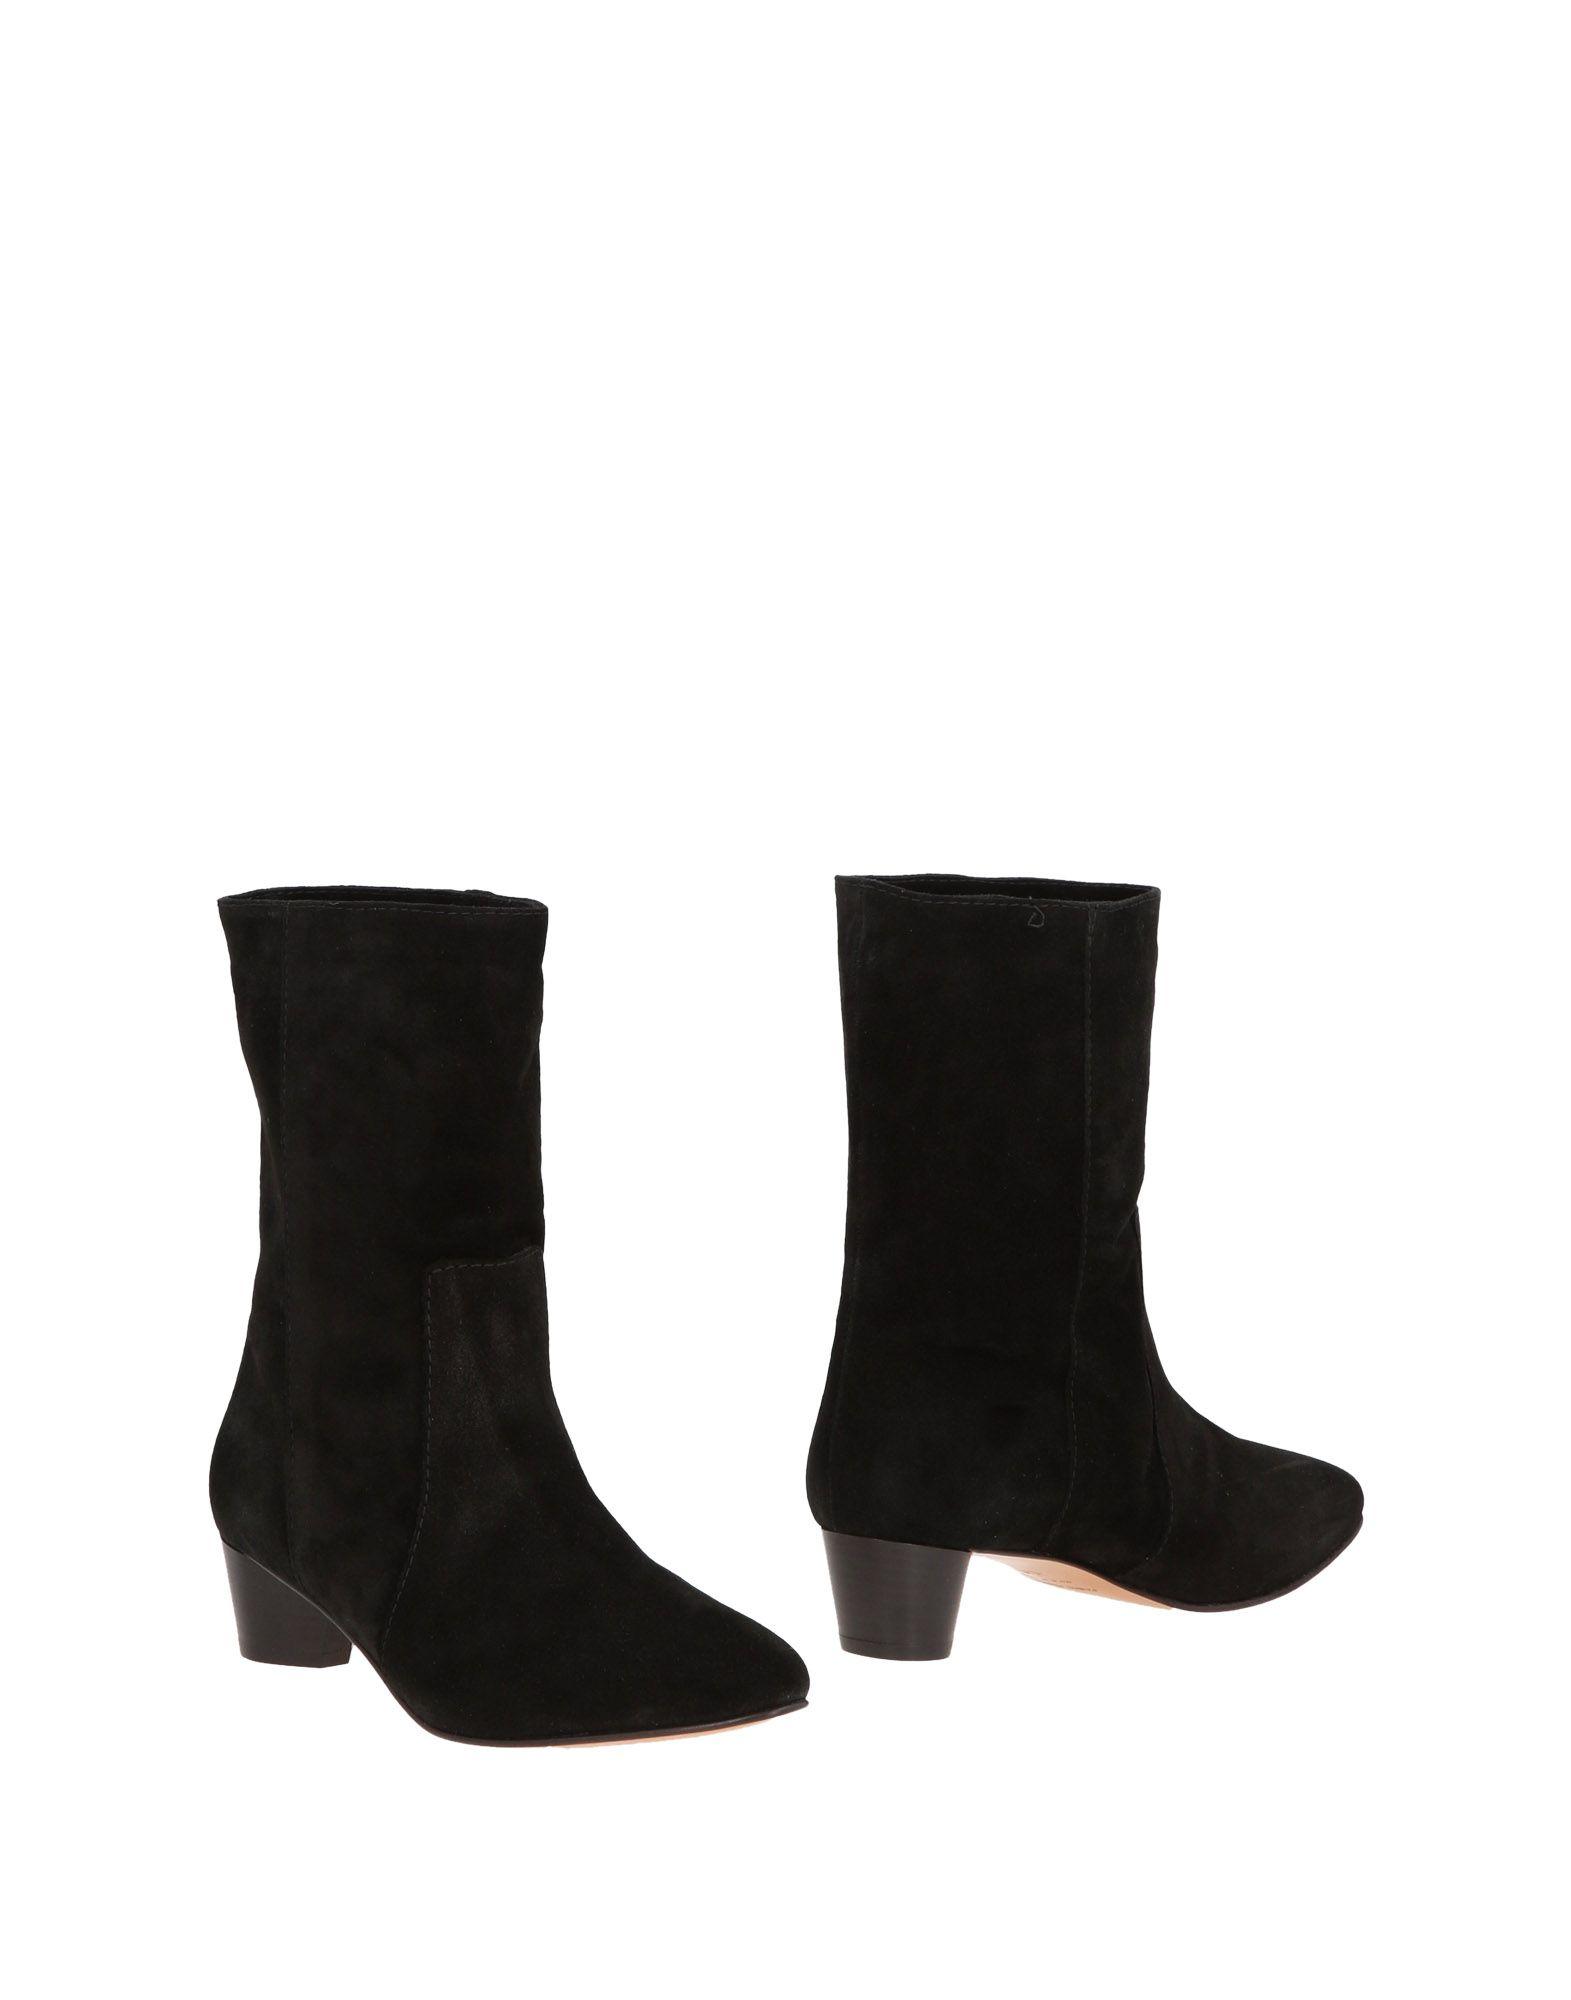 Gut um billige Schuhe zu  tragenFabio Rusconi Stiefelette Damen  zu 11474069UN 8e925a